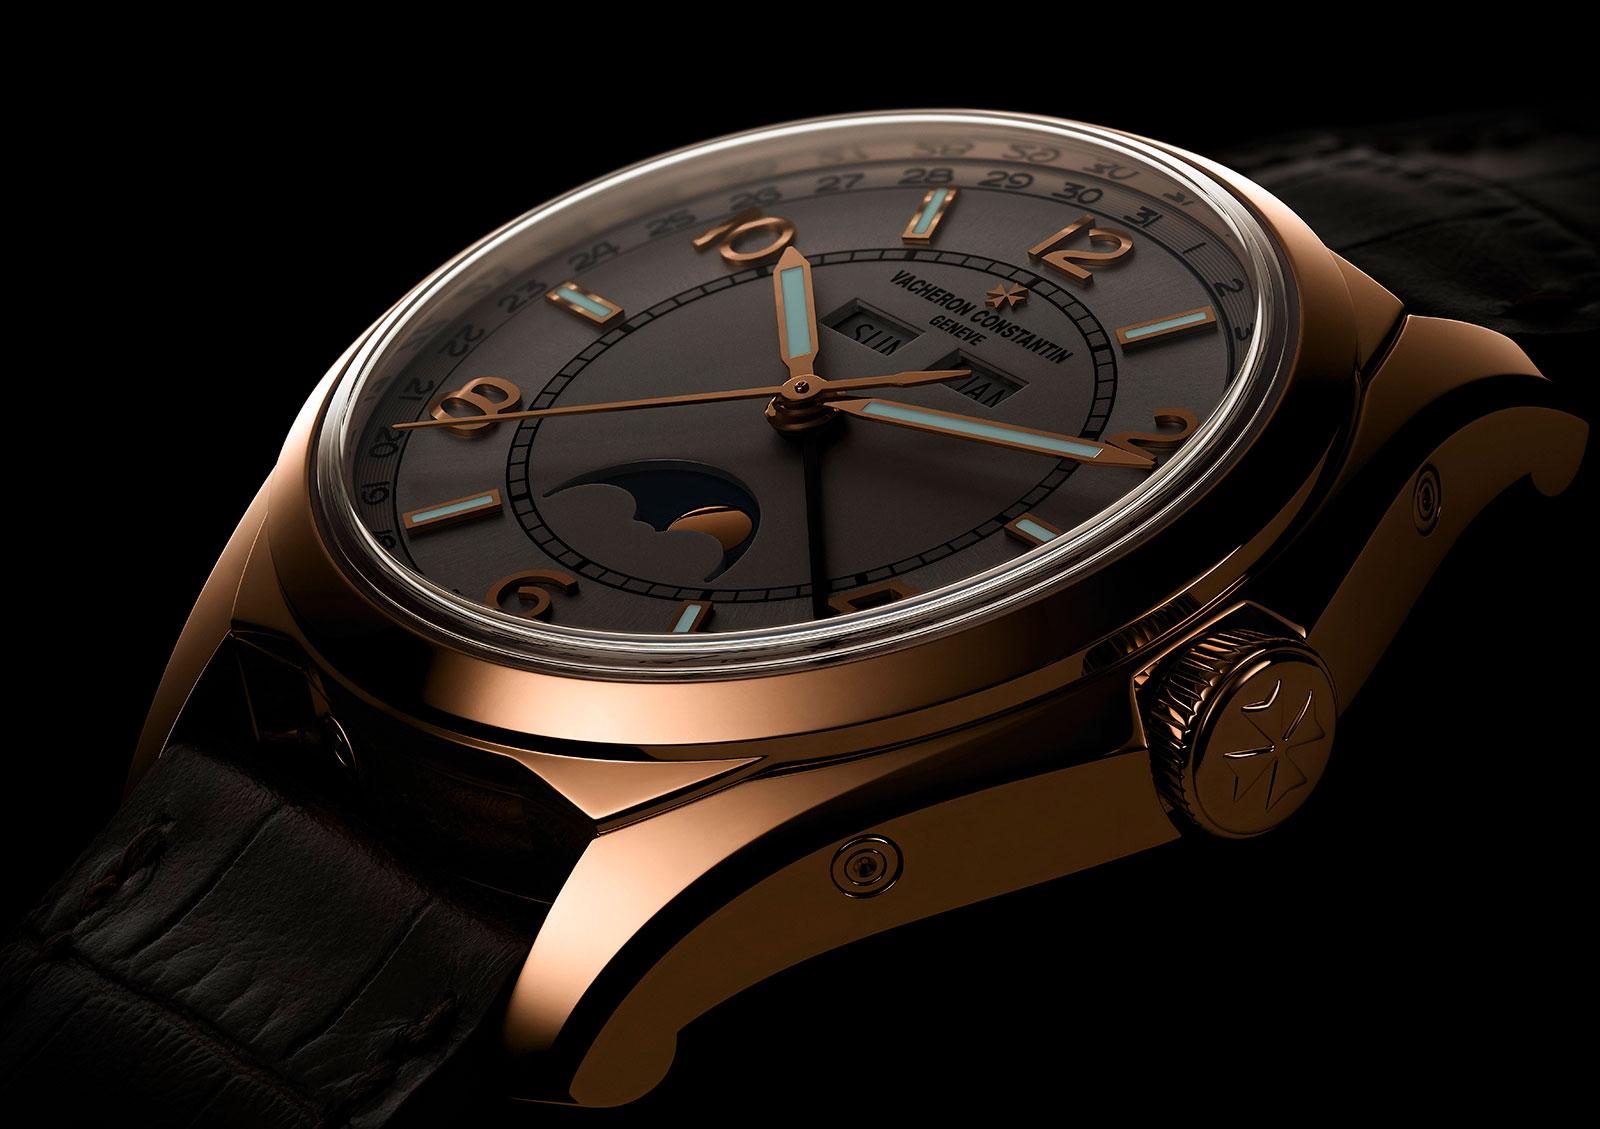 Vacheron Constantin FiftySix complete calendar gold